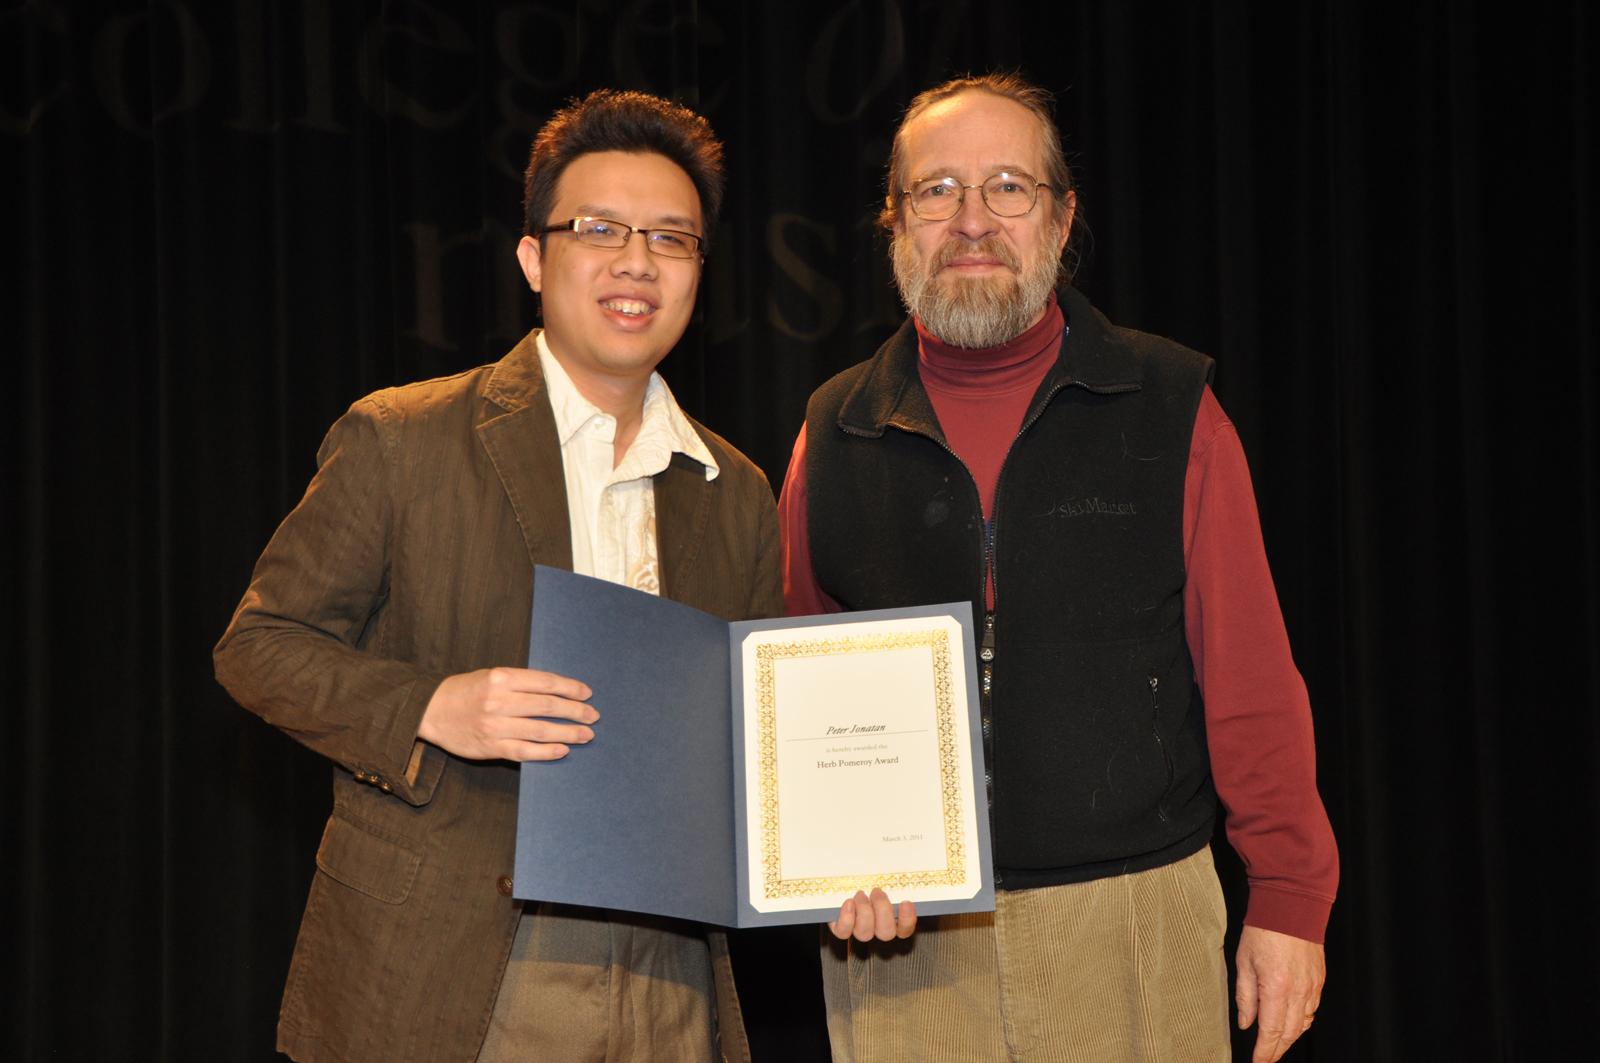 Me & Ken Pulig - Herb Pomeroy Award (2011)